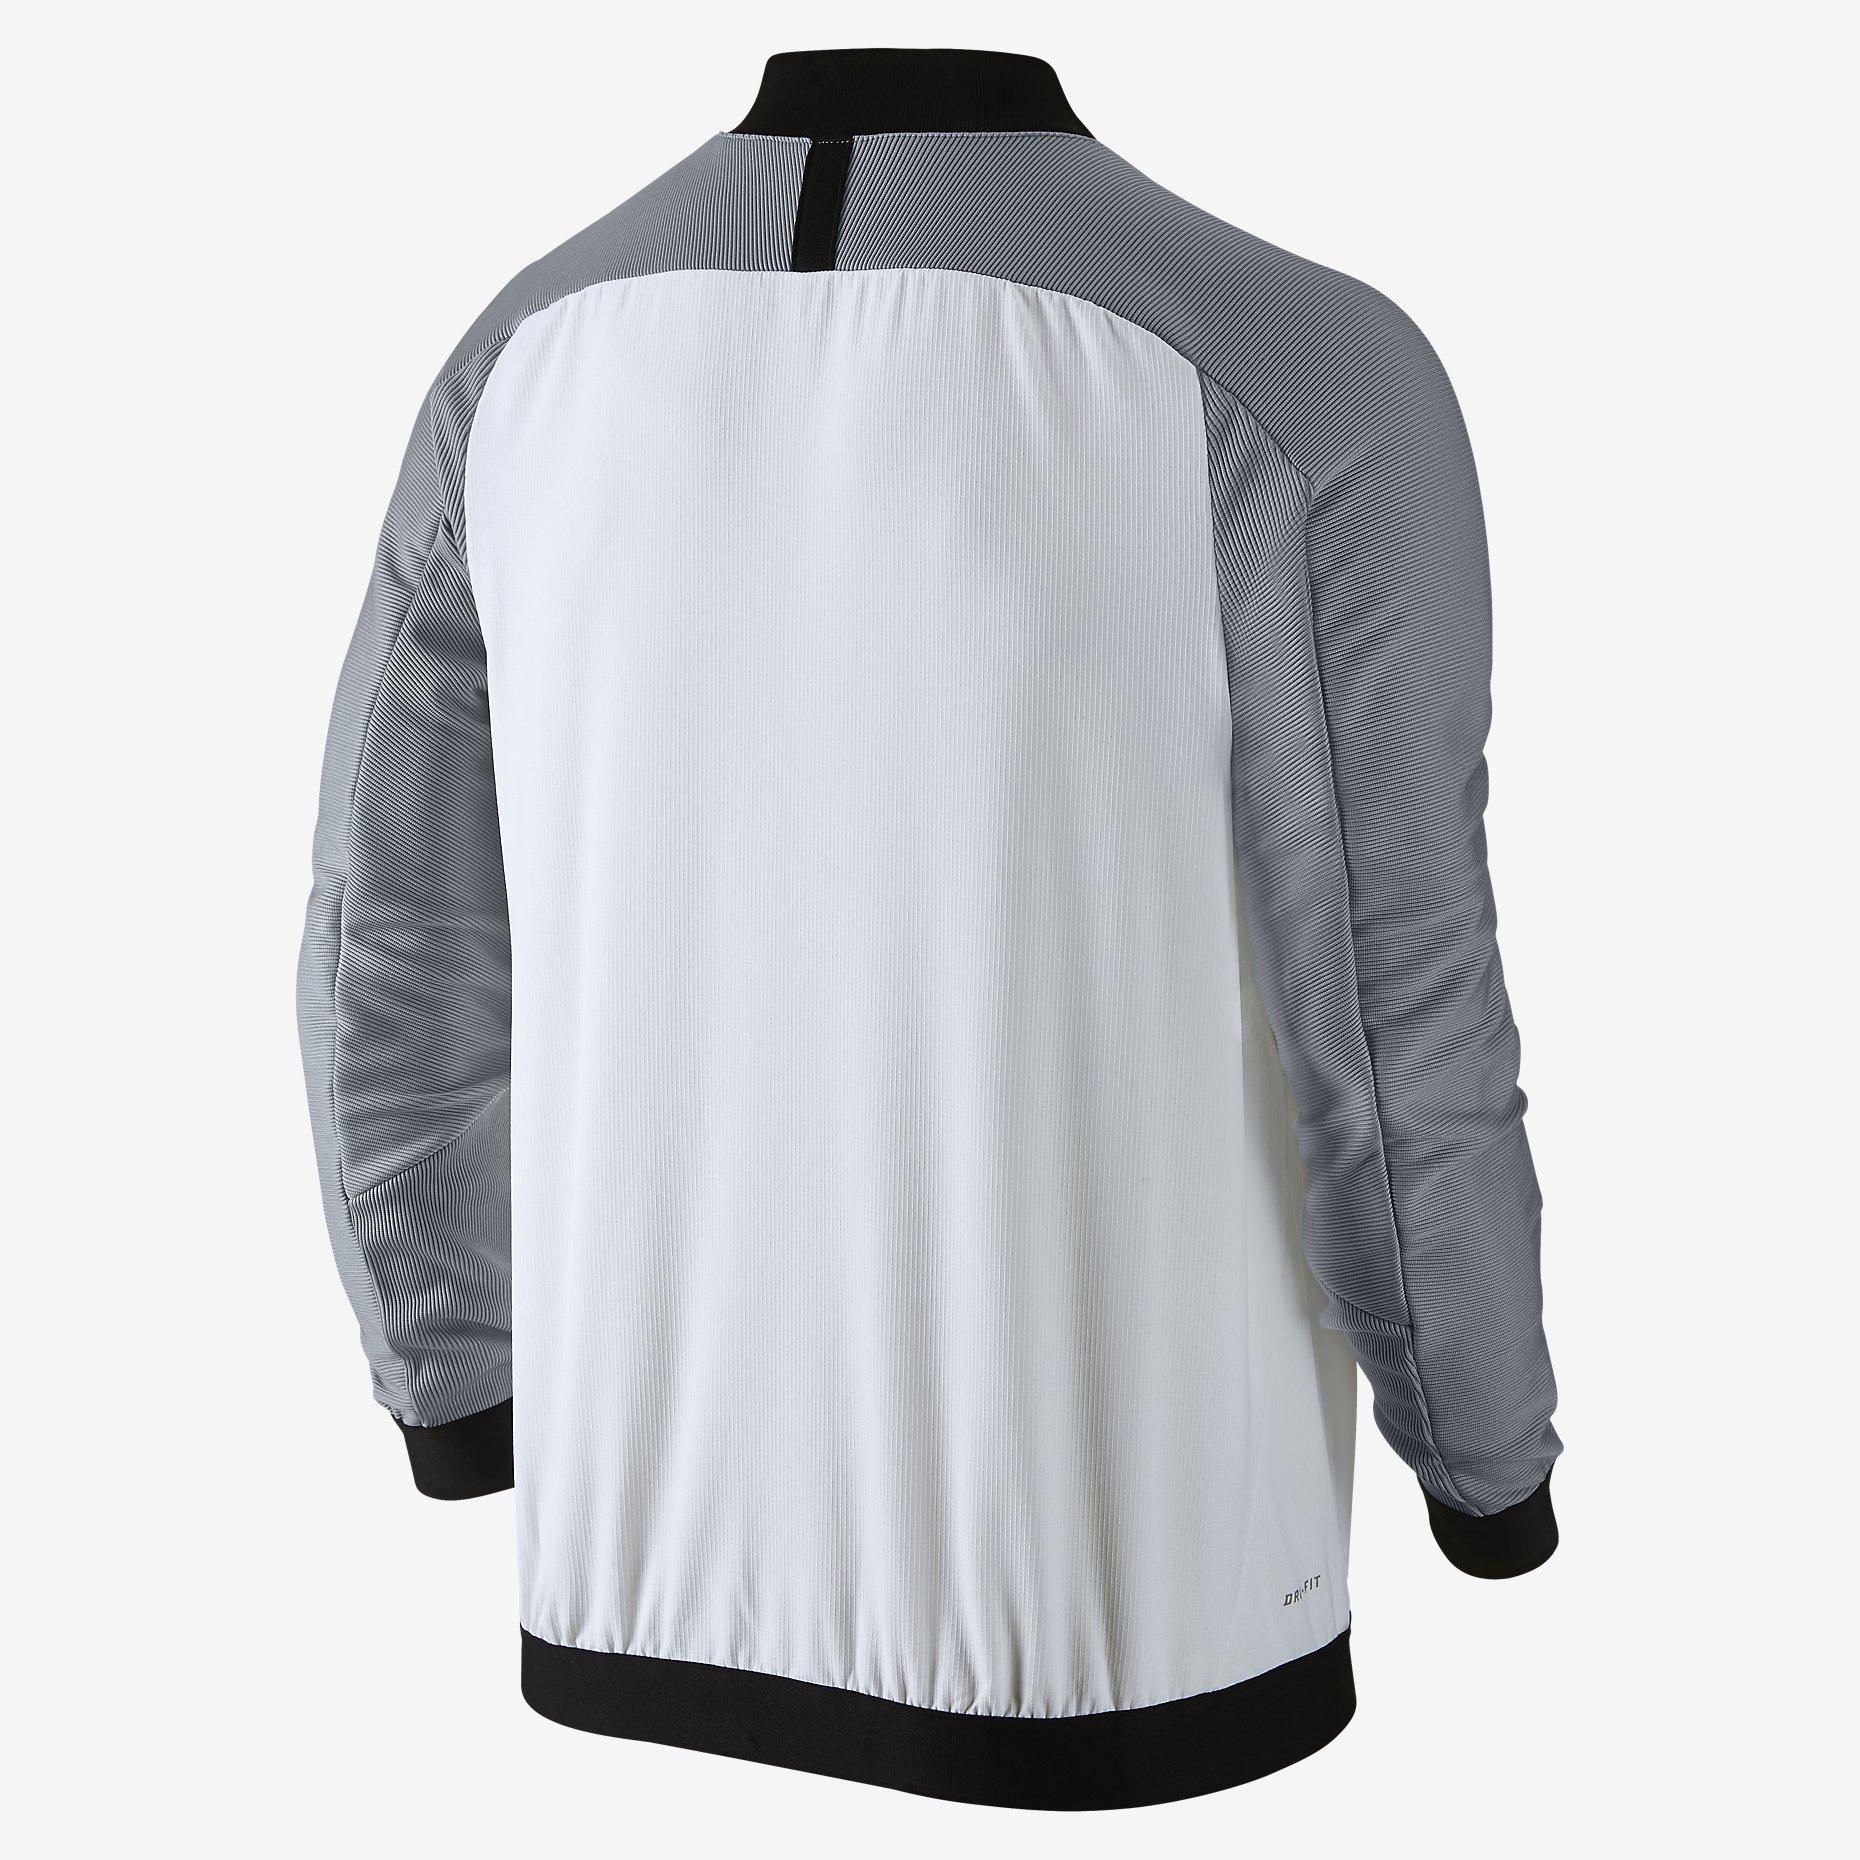 Rafael Nadal Australian Open 2016 Nike Jacket 1 Rafael Nadal Fans